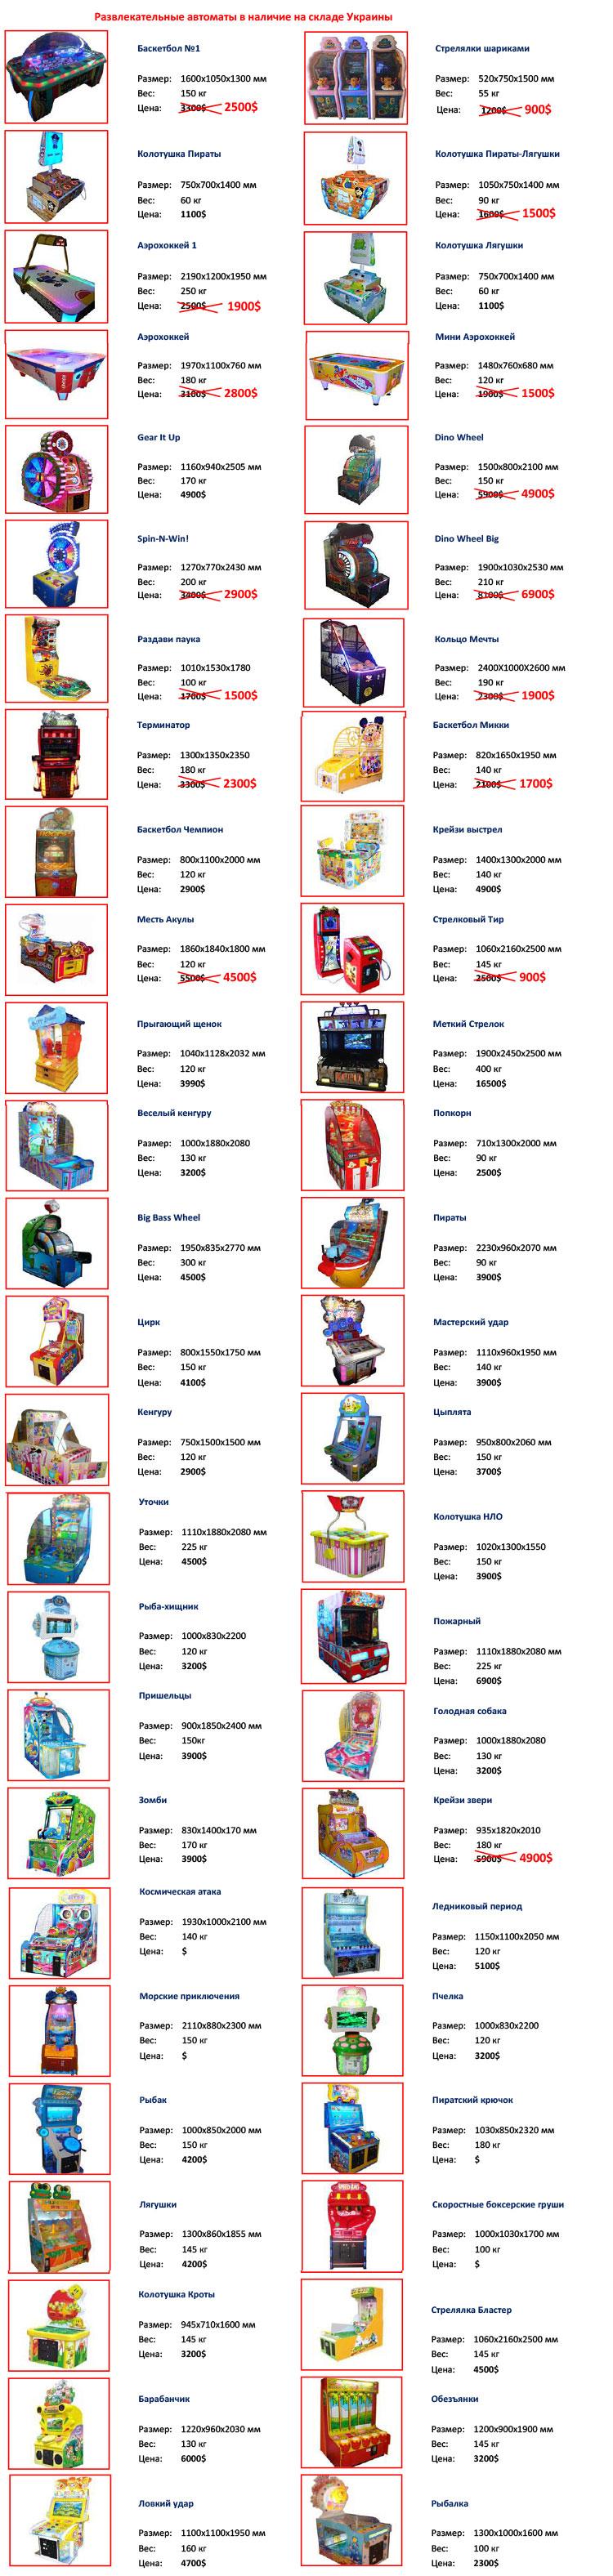 Прайс лист на детские развлектелные автоматы